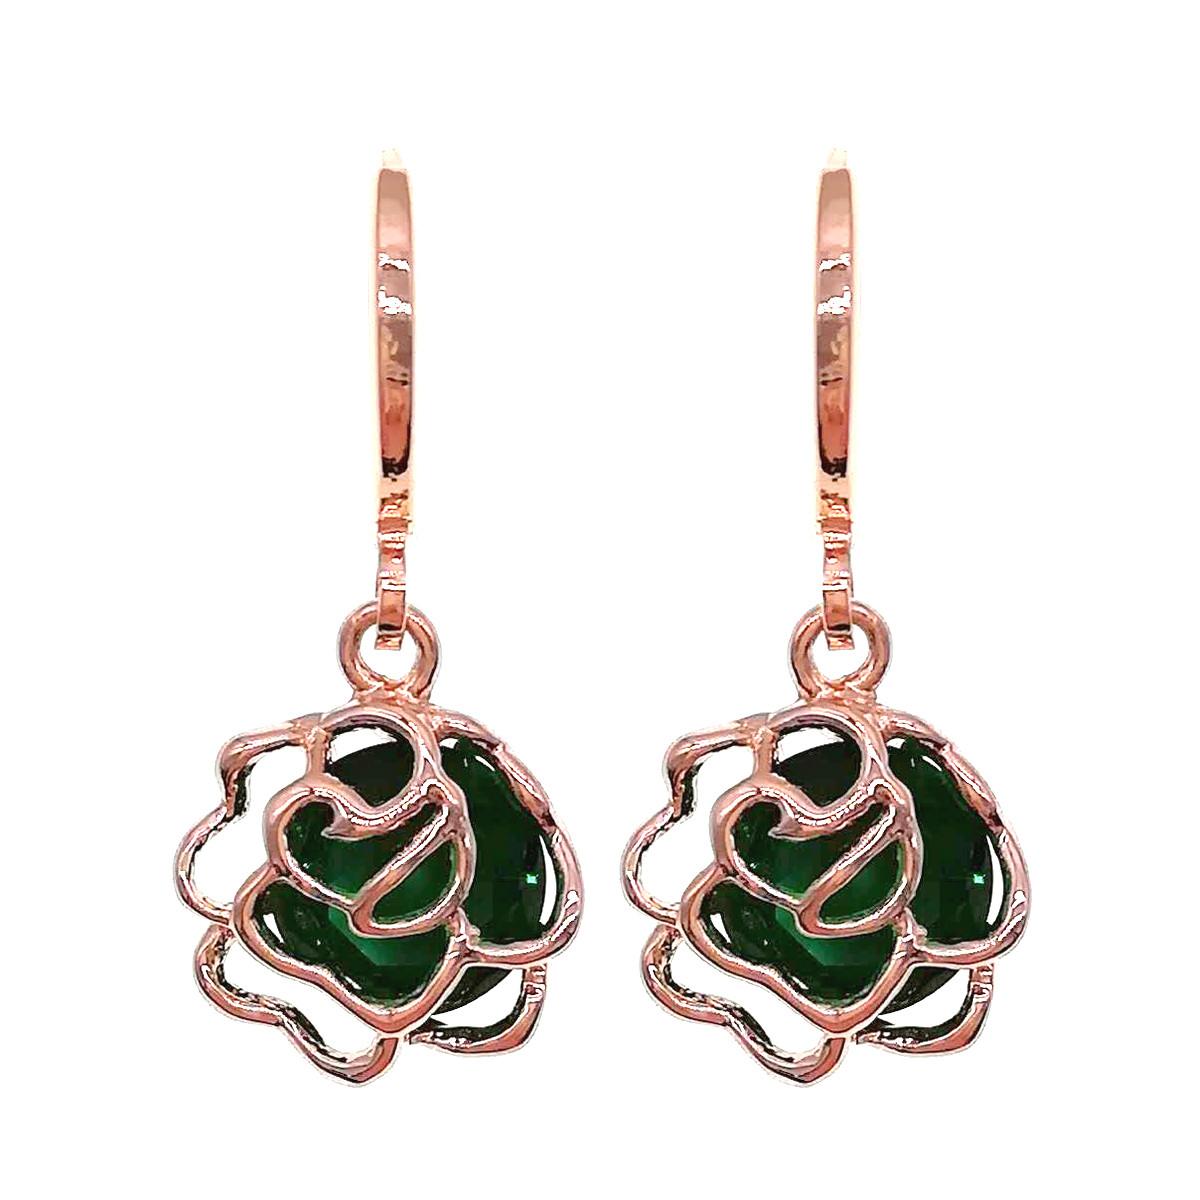 Сережки SONATA з медичного золота, зелені фіаніти, позолота PO, 24352 (1)